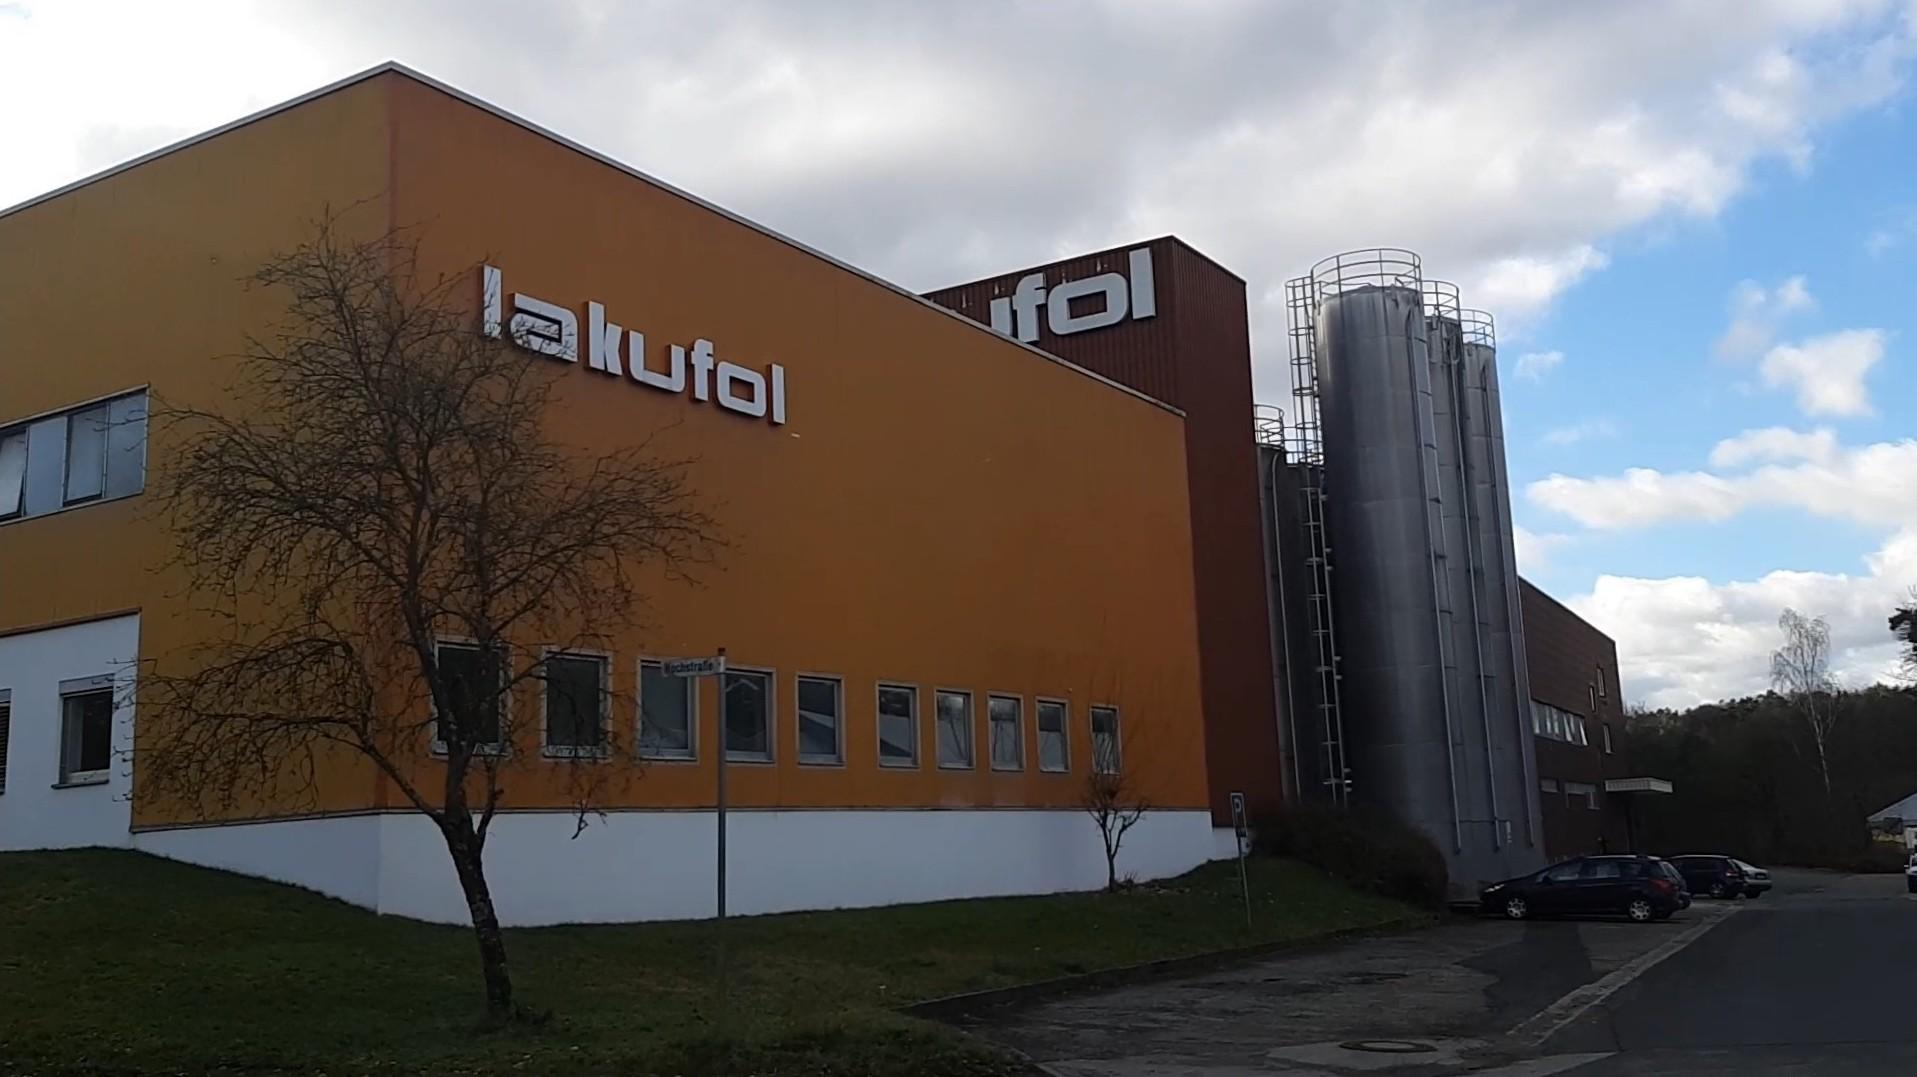 Καράτζη: Ποια είναι η κρητική εταιρεία που εξαγόρασε τη γερμανική εταιρεία ειδών συσκευασίας BSK & Lakufol Kunststoffe